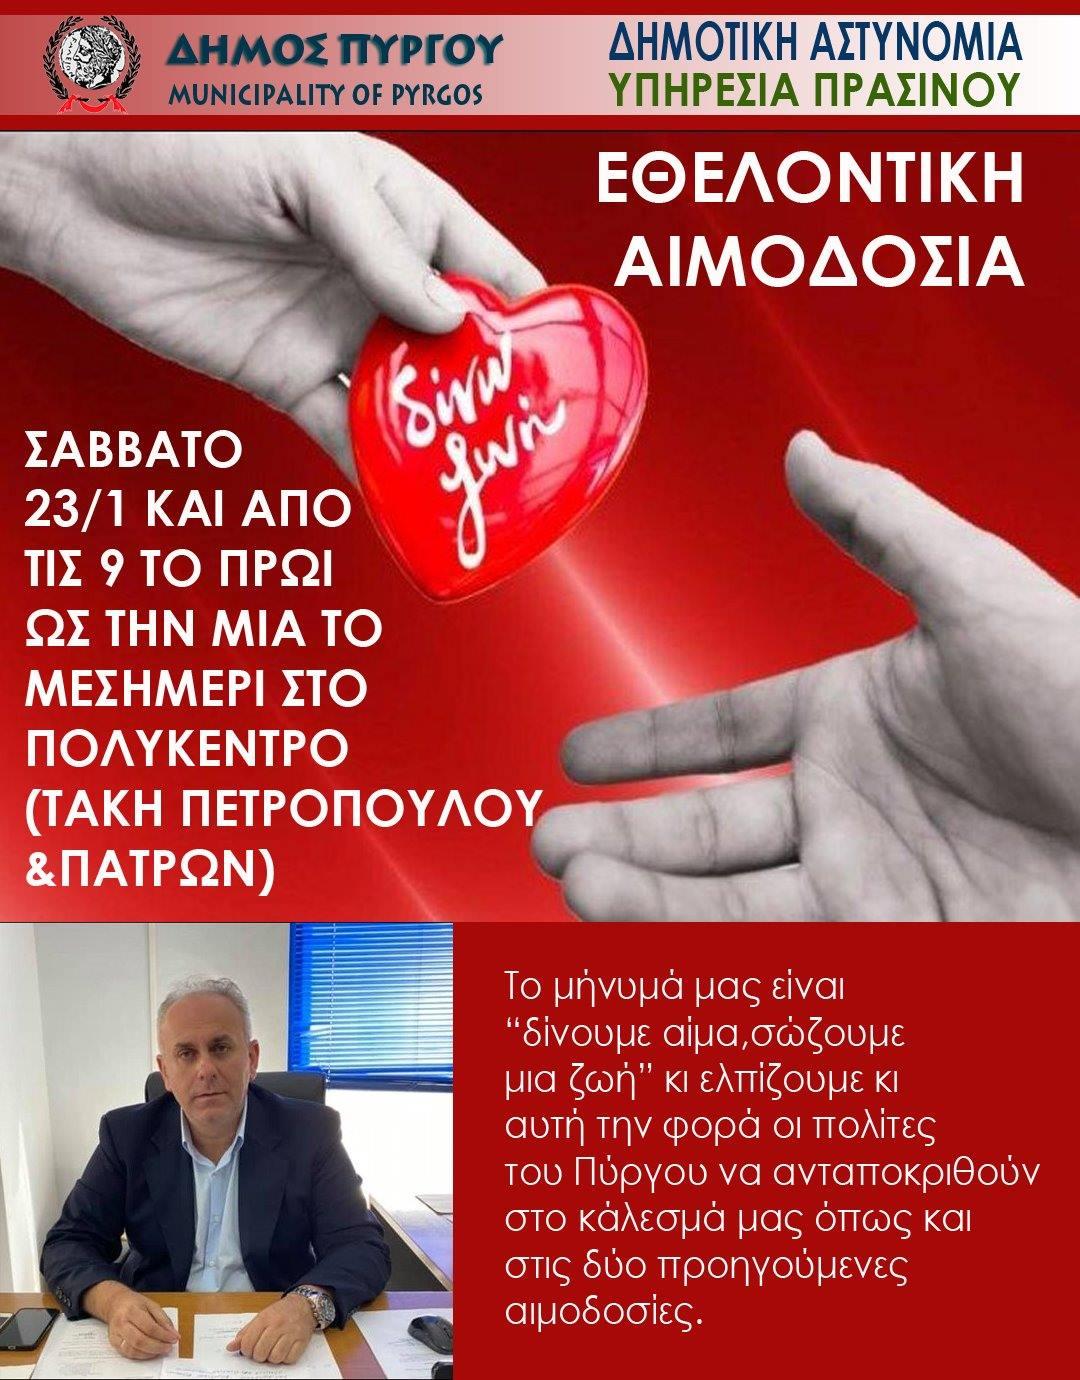 """Δήμος Πύργου: Εθελοντική αιμοδοσία από τη Δημοτική Αστυνομία και την Υπηρεσία Πρασίνου το Σάββατο 23/1 στο Πολύκεντρο- """"Δίνουμε αίμα σώζουμε μια ζωή"""""""